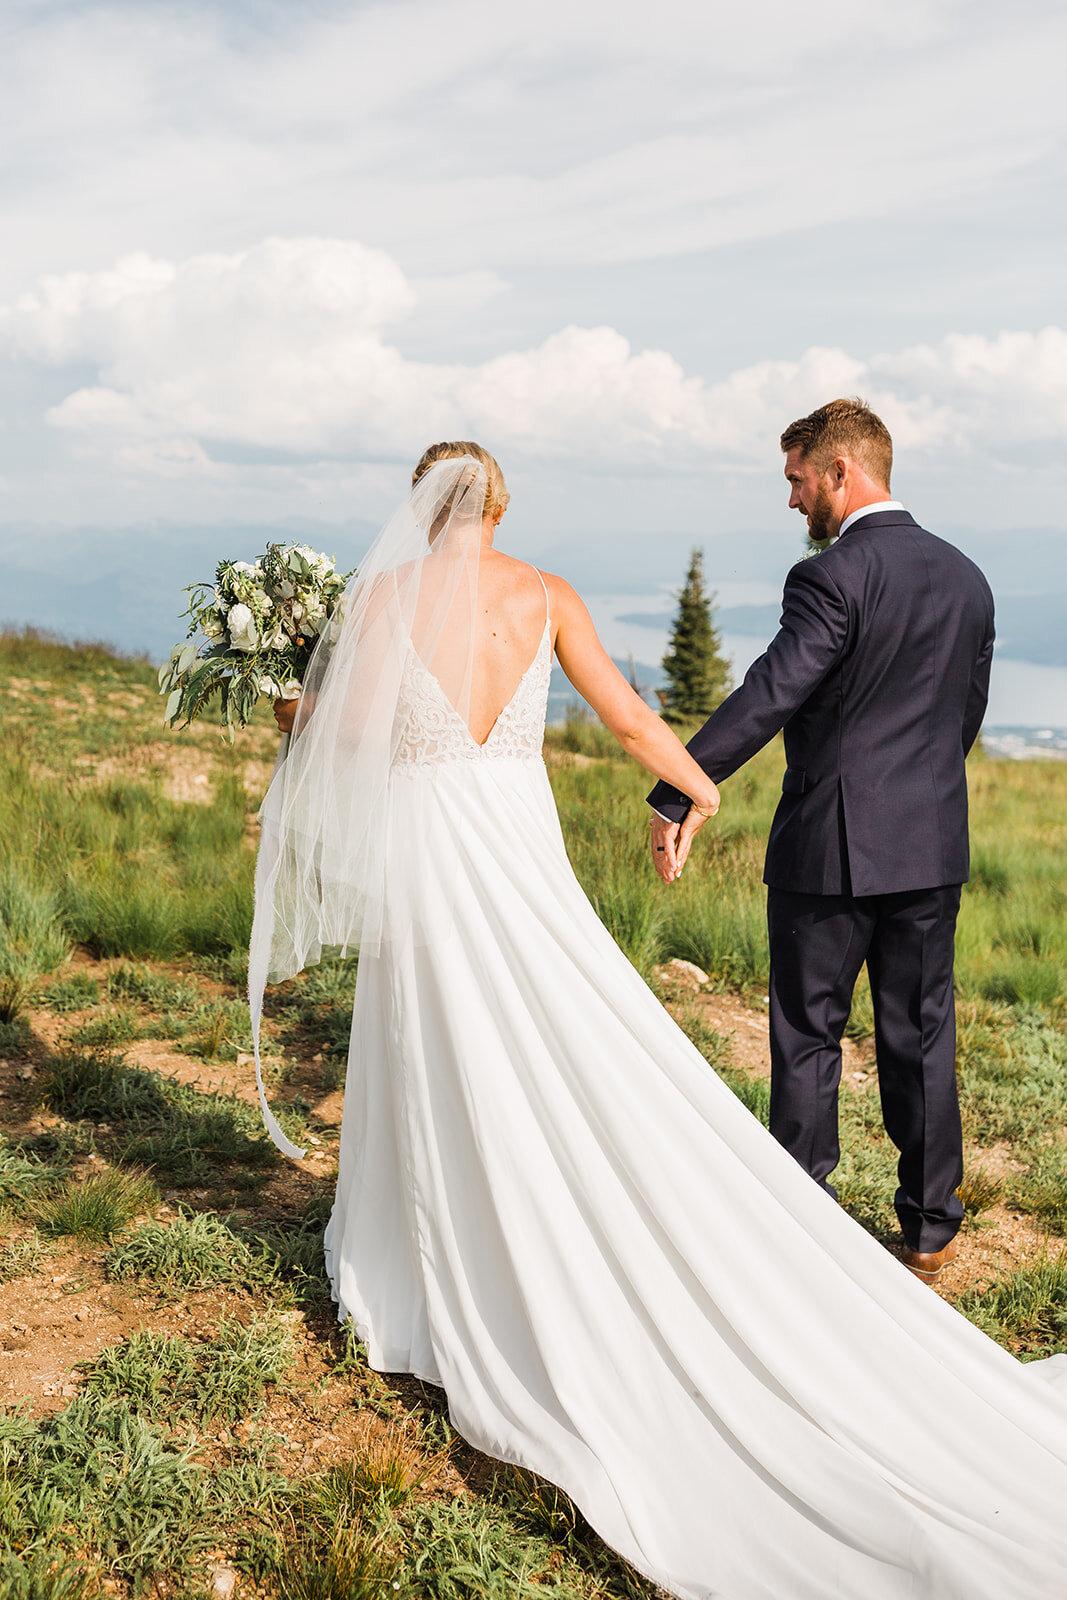 mountaintop wedding spokane schweitzer bride and groom